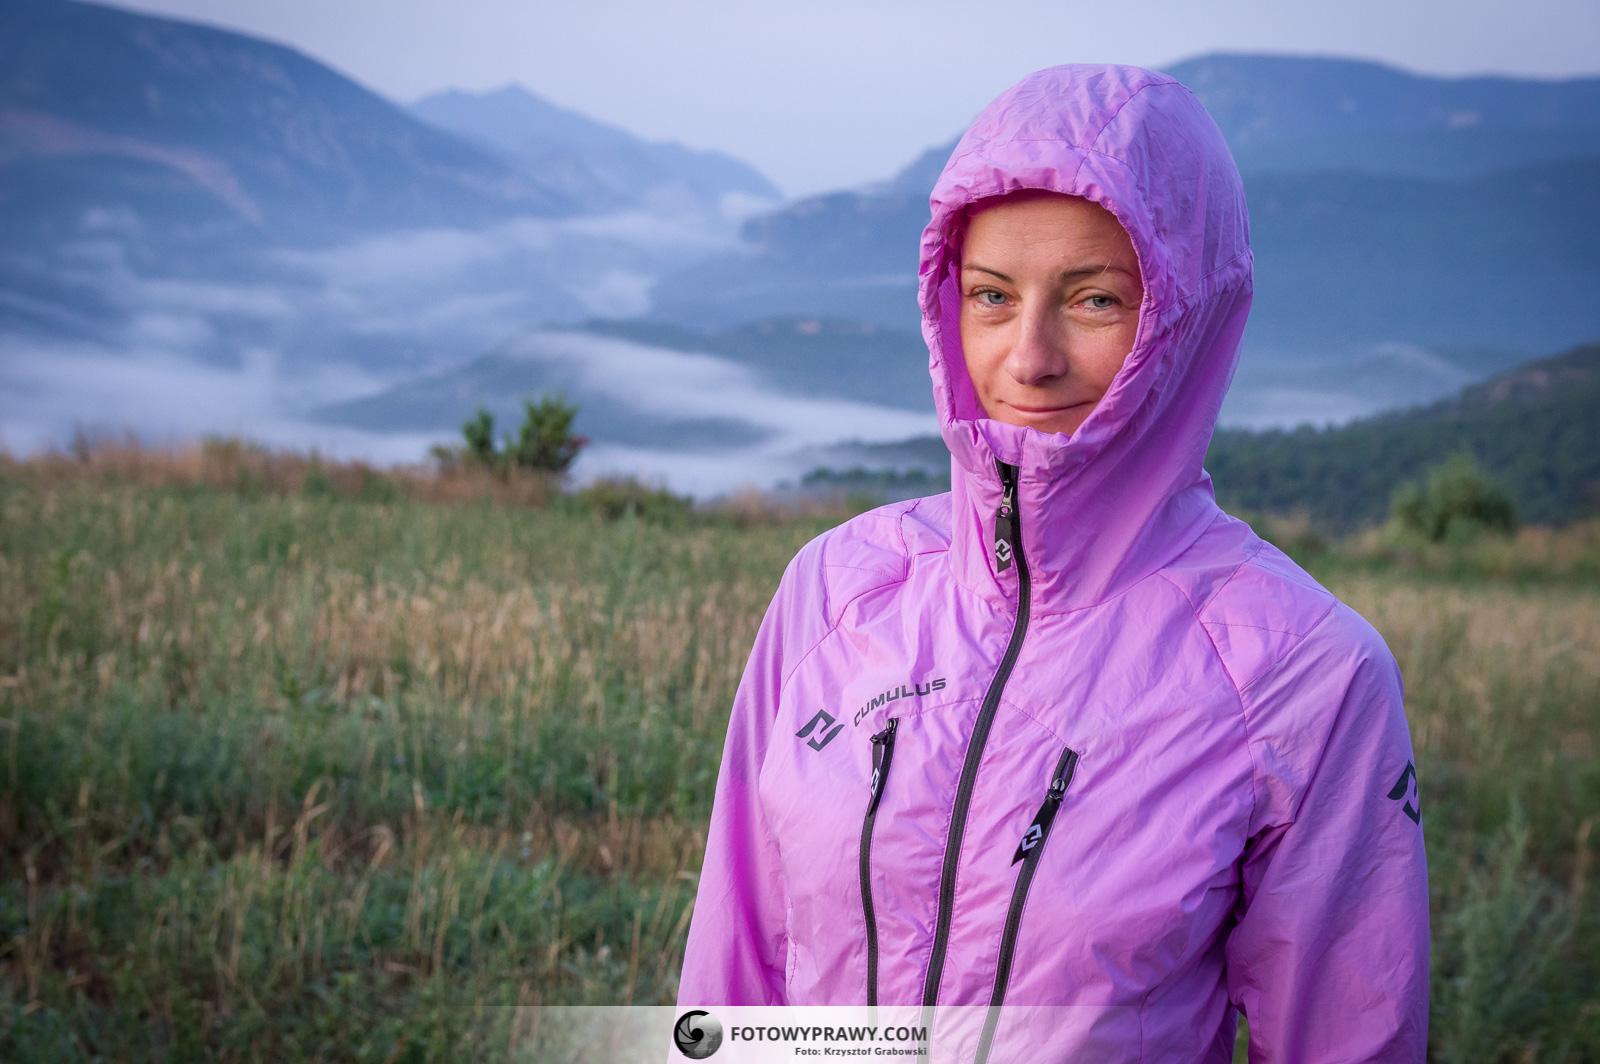 Jedna z najlepszych cech kurtki przeciwdeszczowej Cumulus Ventego to kaptur